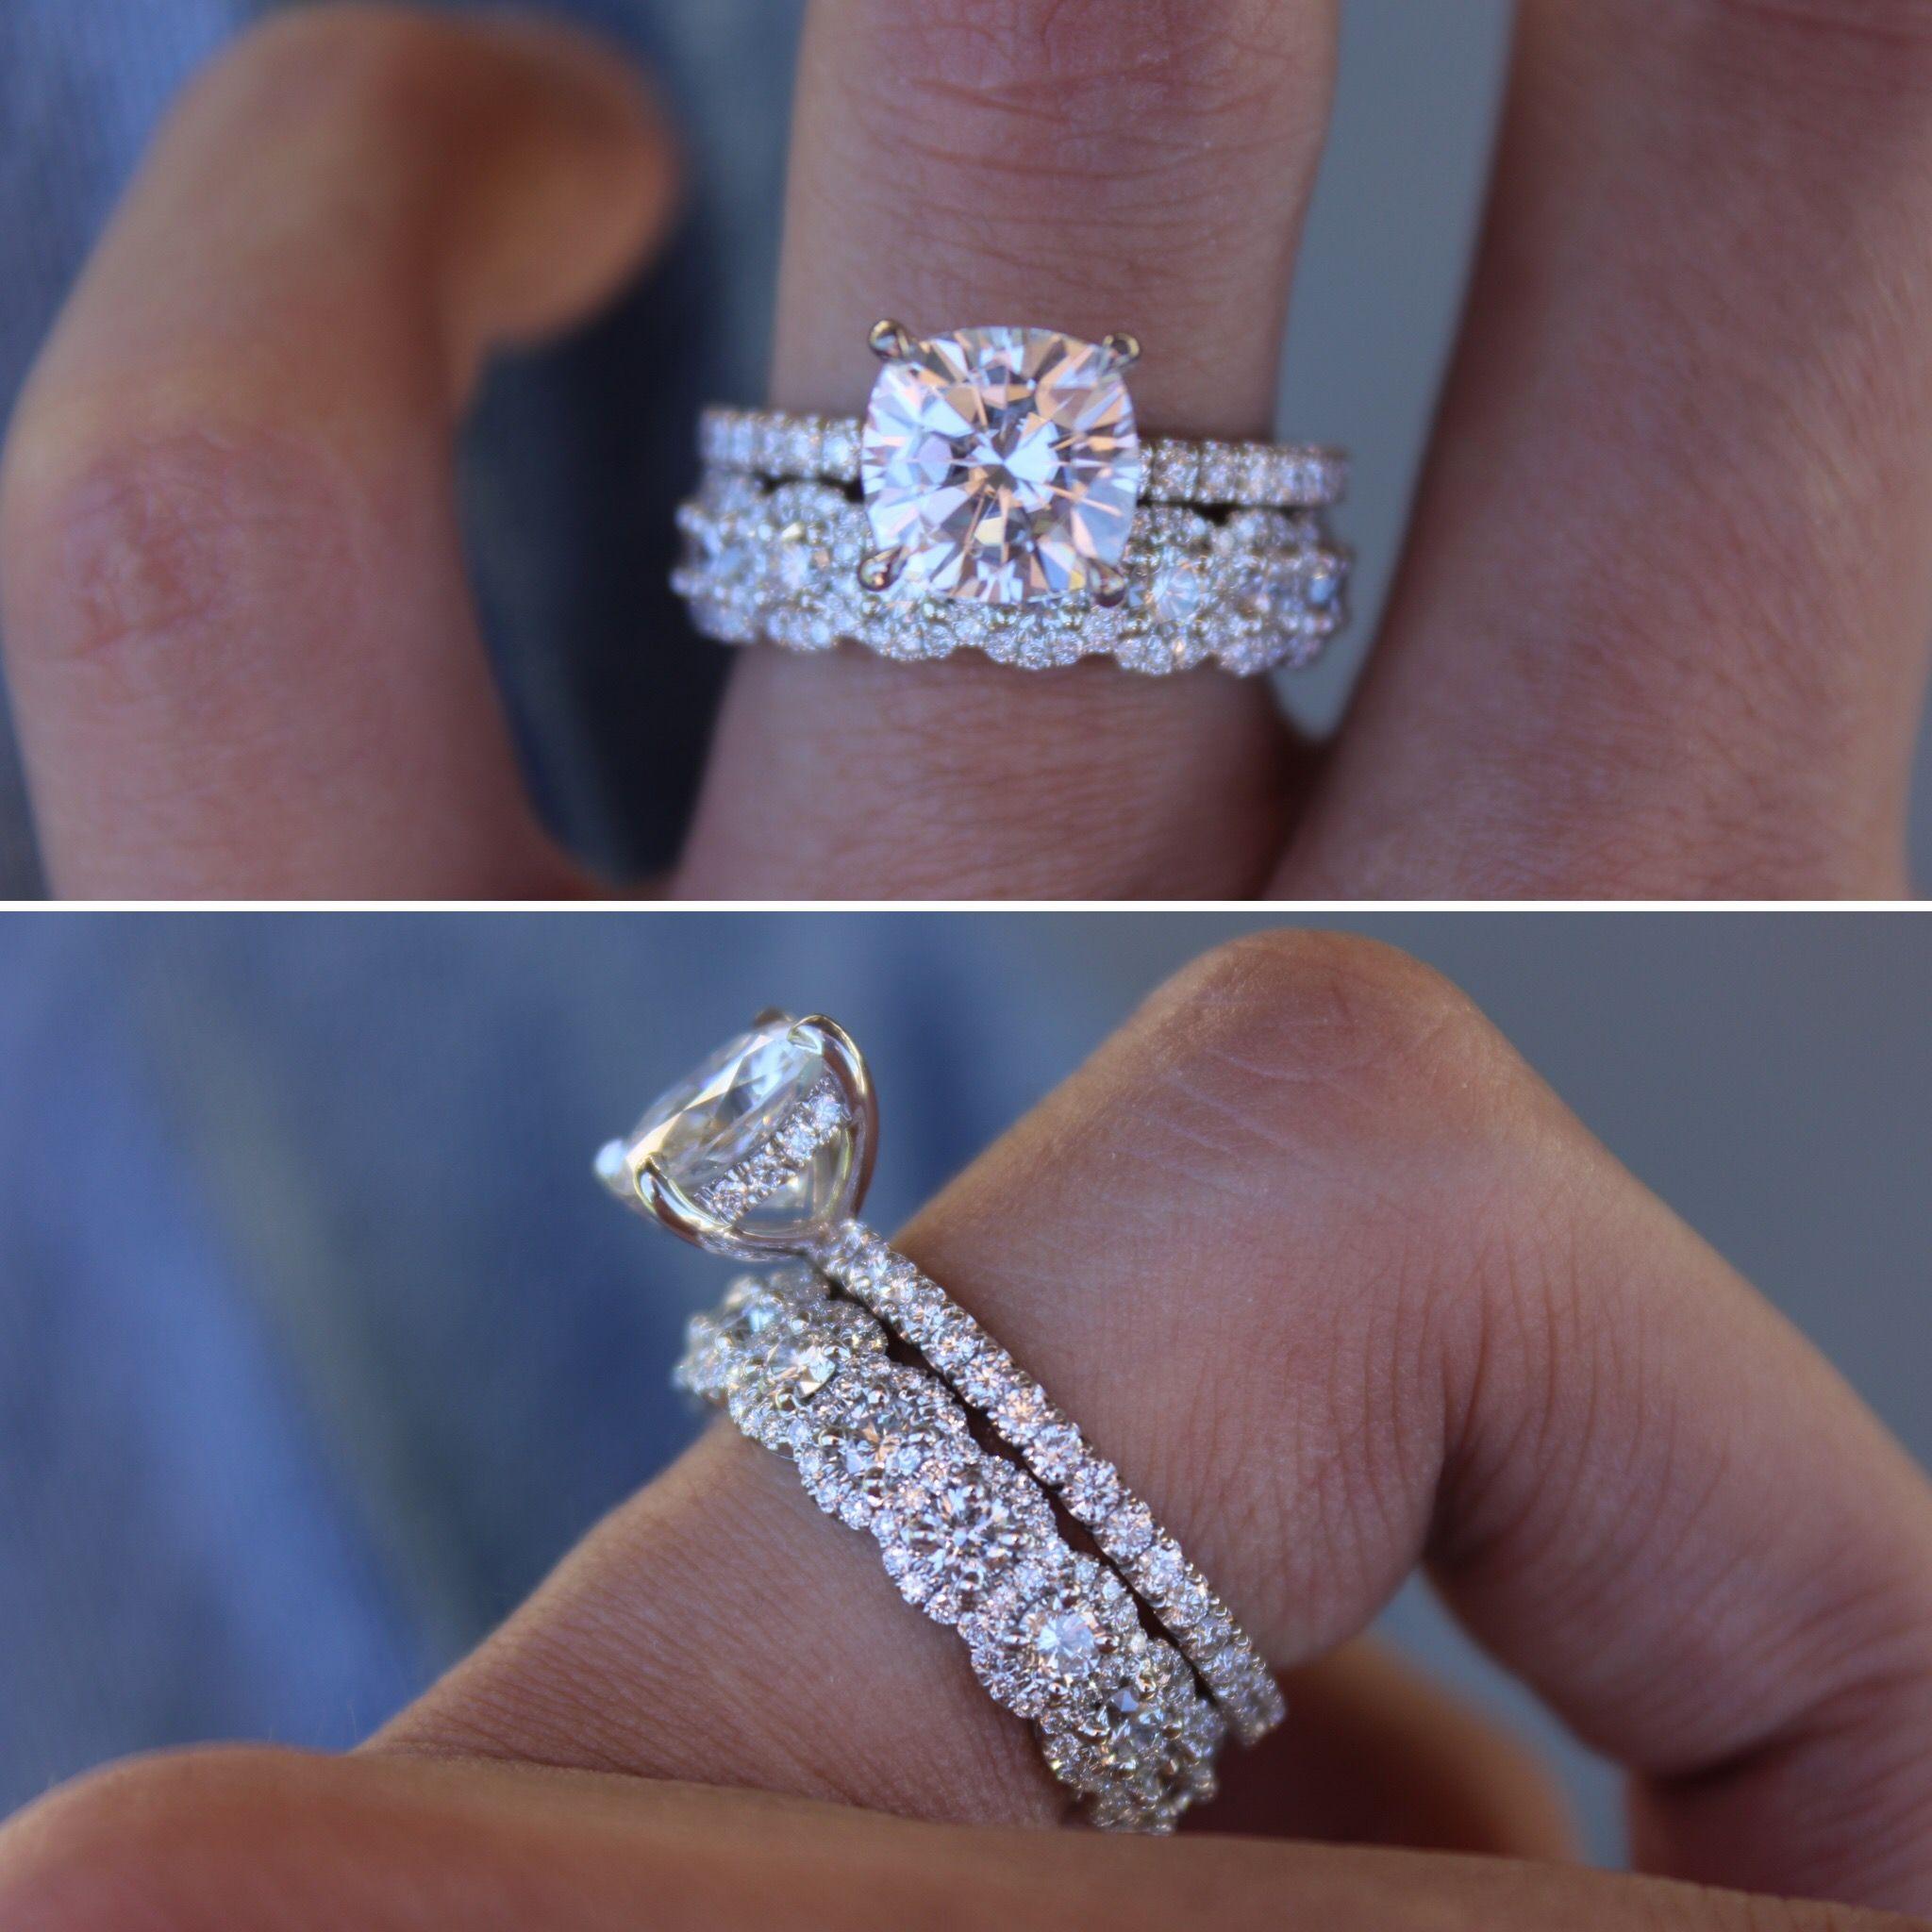 3mm Diamond Halo Eternity Band Diamond Wedding Bands Wedding Ring Sets Rose Engagement Ring